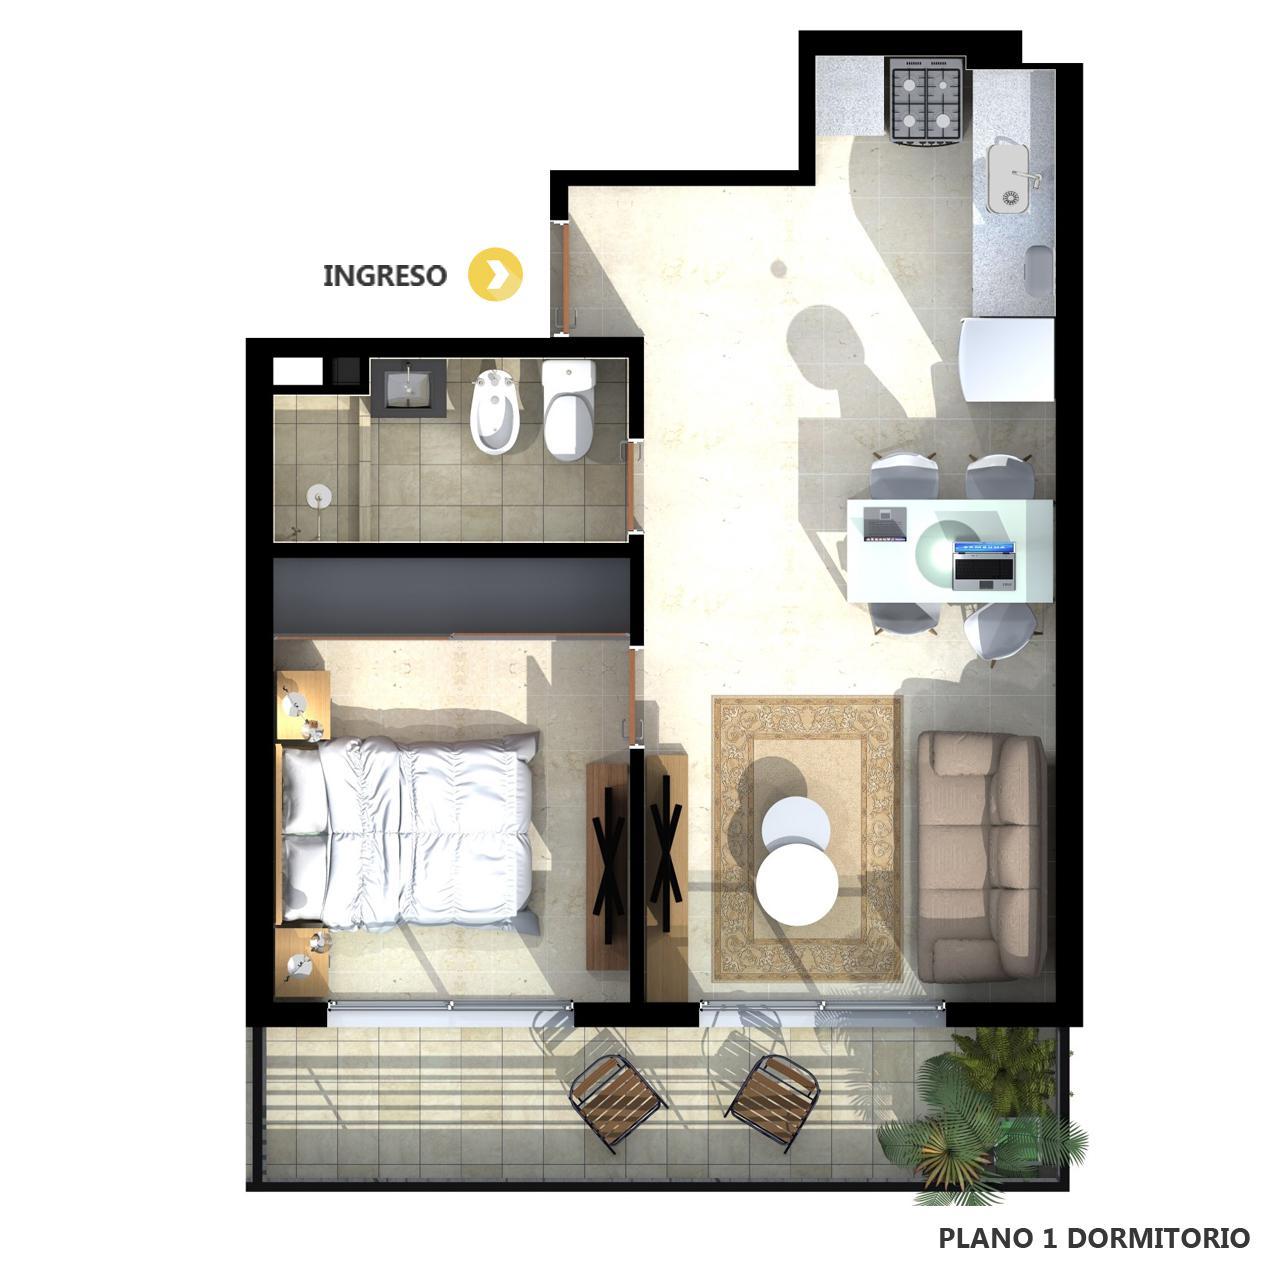 Venta departamento 1 dormitorio Rosario, Parque España. Cod CBU12472 AP2199427. Crestale Propiedades